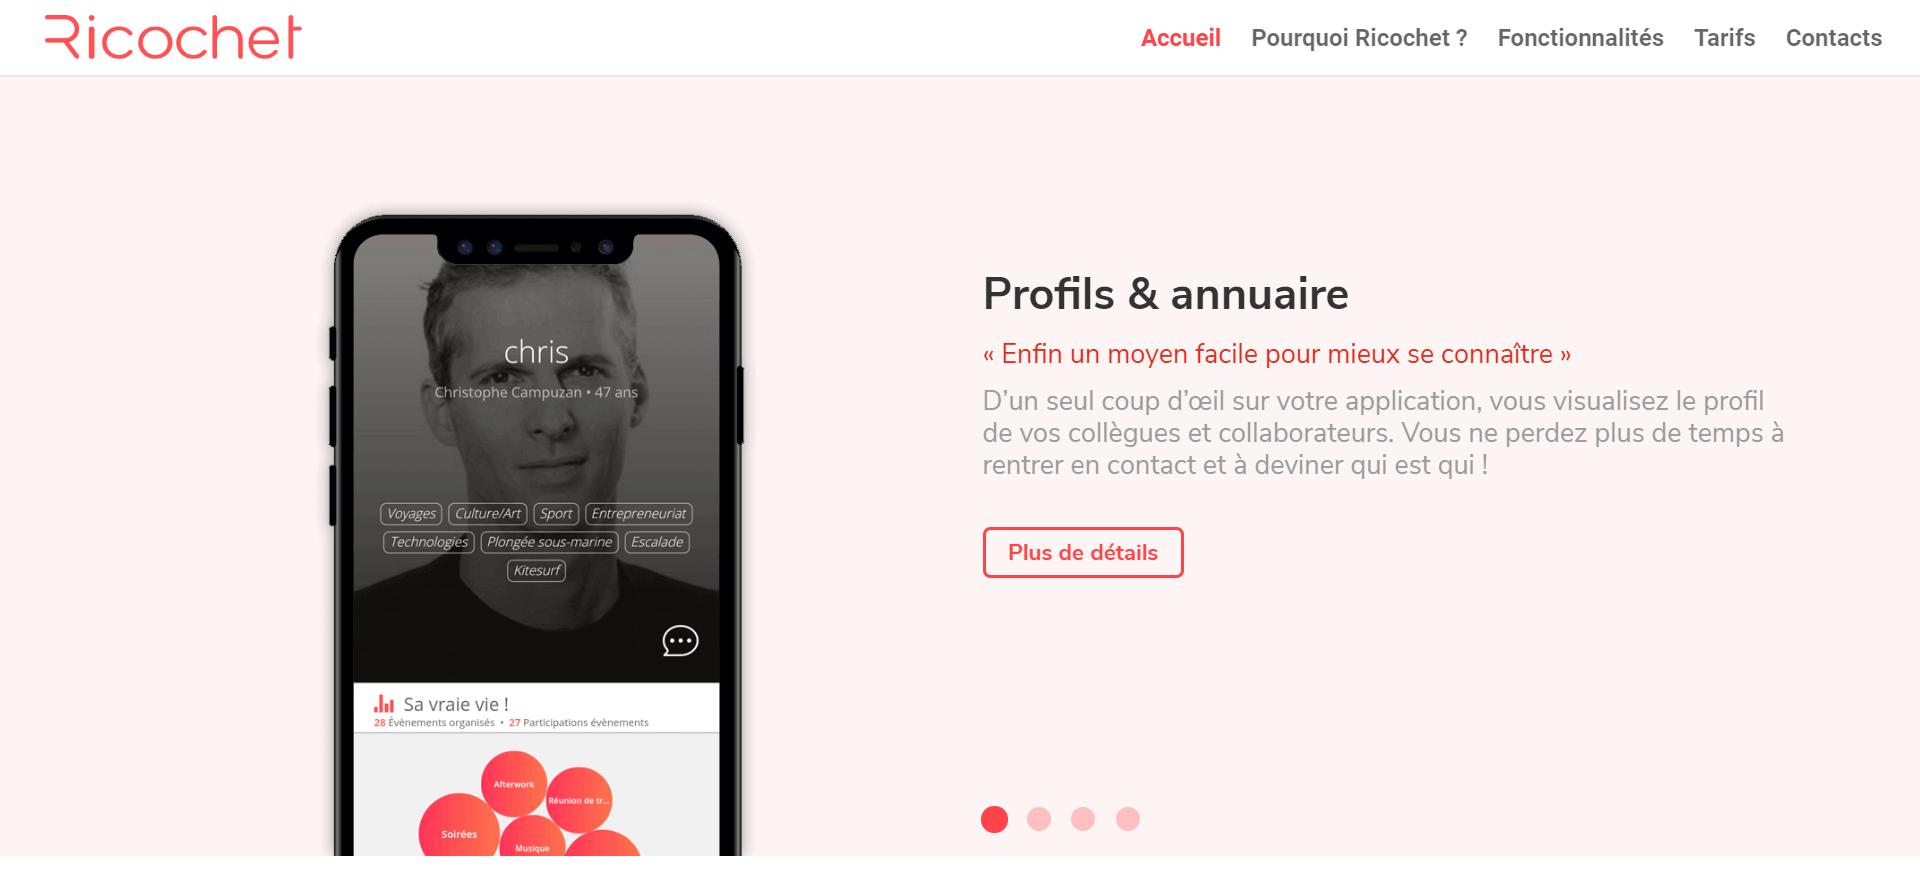 Fonctionnalité Profils & annuaire